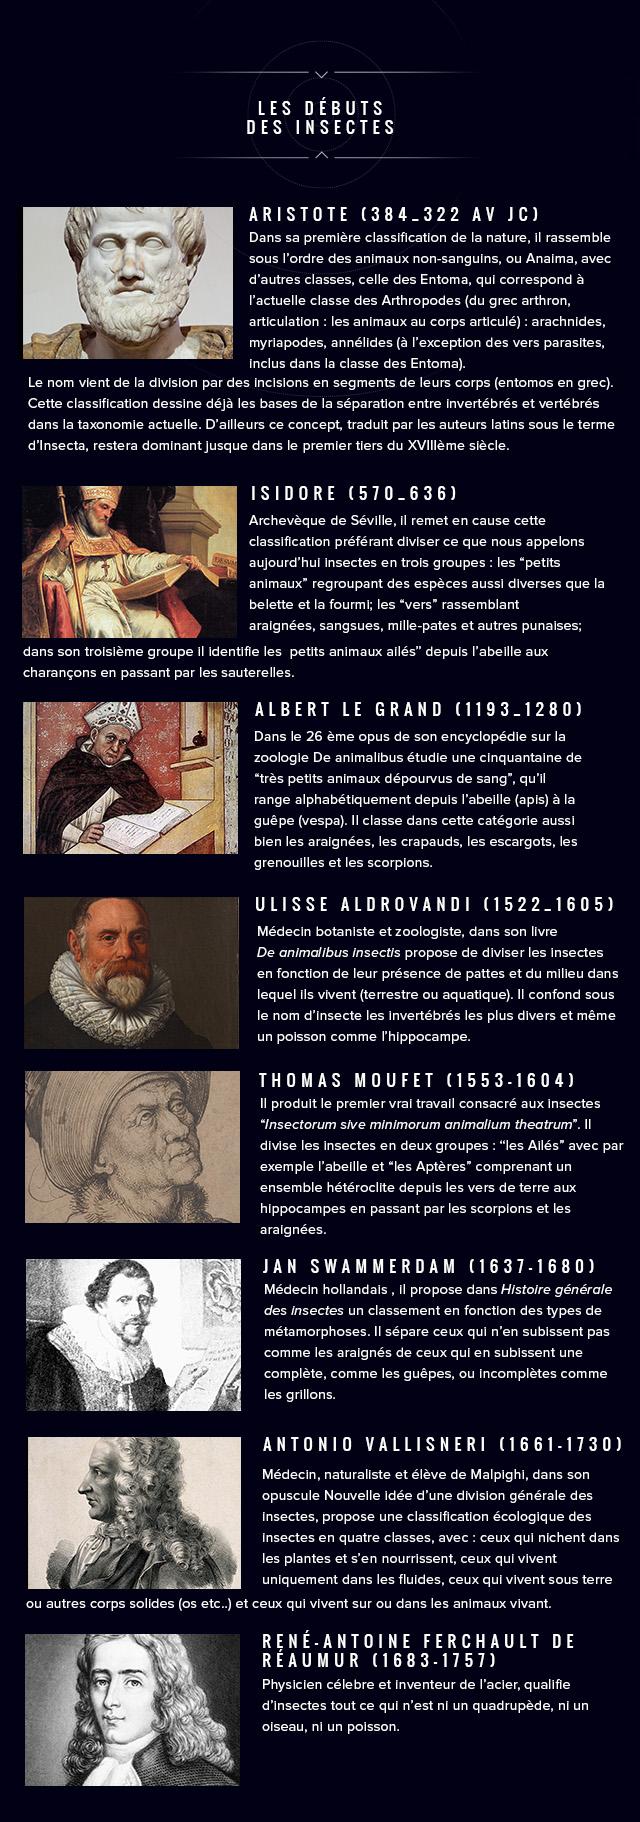 Histoire des sciences)